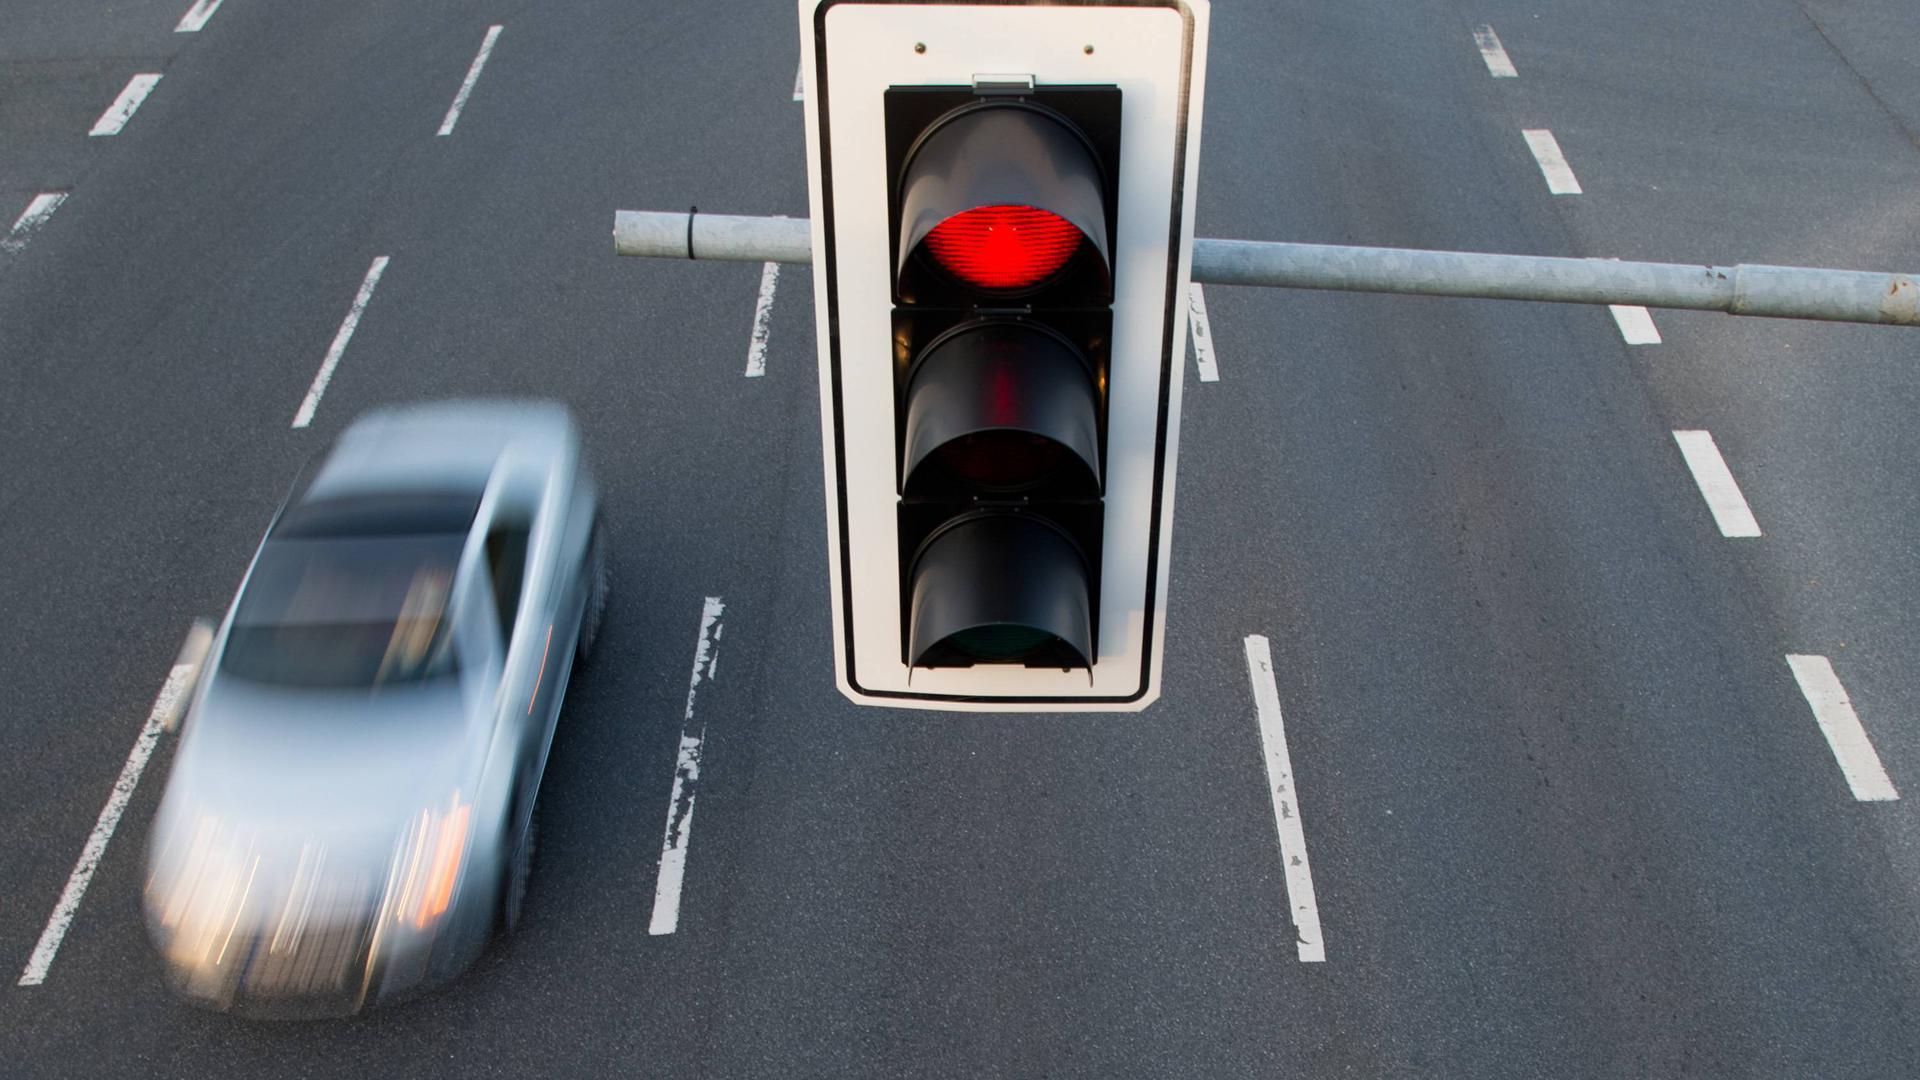 ARCHIV - 17.07.2013, Hannover: Ein Auto fährt an einer roten Ampel vorbei.  (zu dpa «Kommunen können bald selbst Rotsünder blitzen - Vorreiter Mainz» vom 28.02.2019) Foto: Julian Stratenschulte/dpa +++ dpa-Bildfunk +++ | Verwendung weltweit